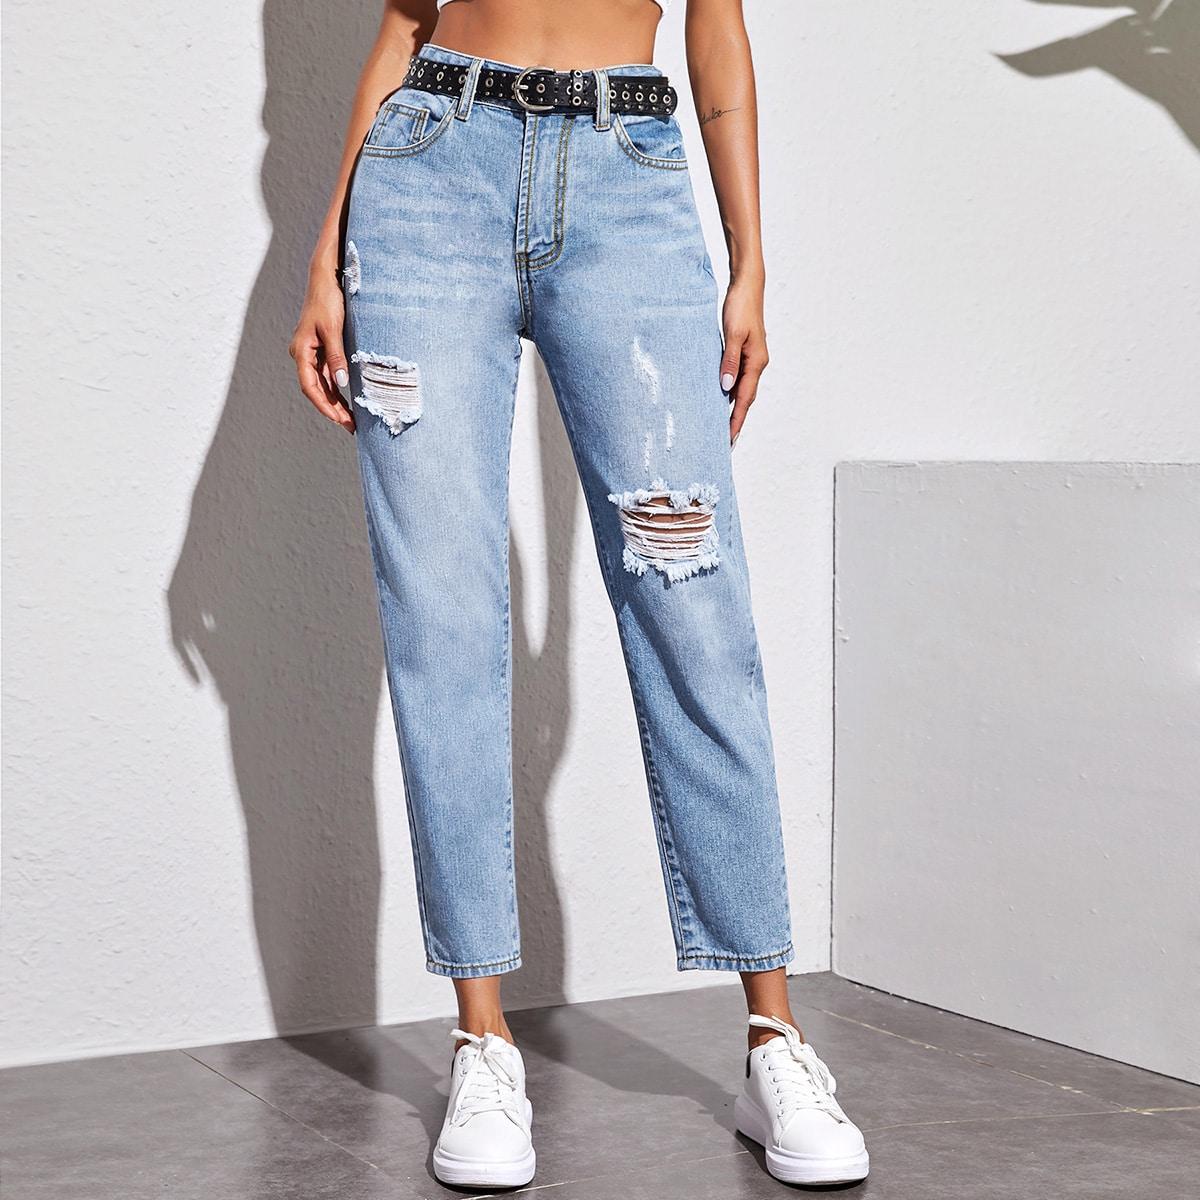 Рваные джинсы без пояса